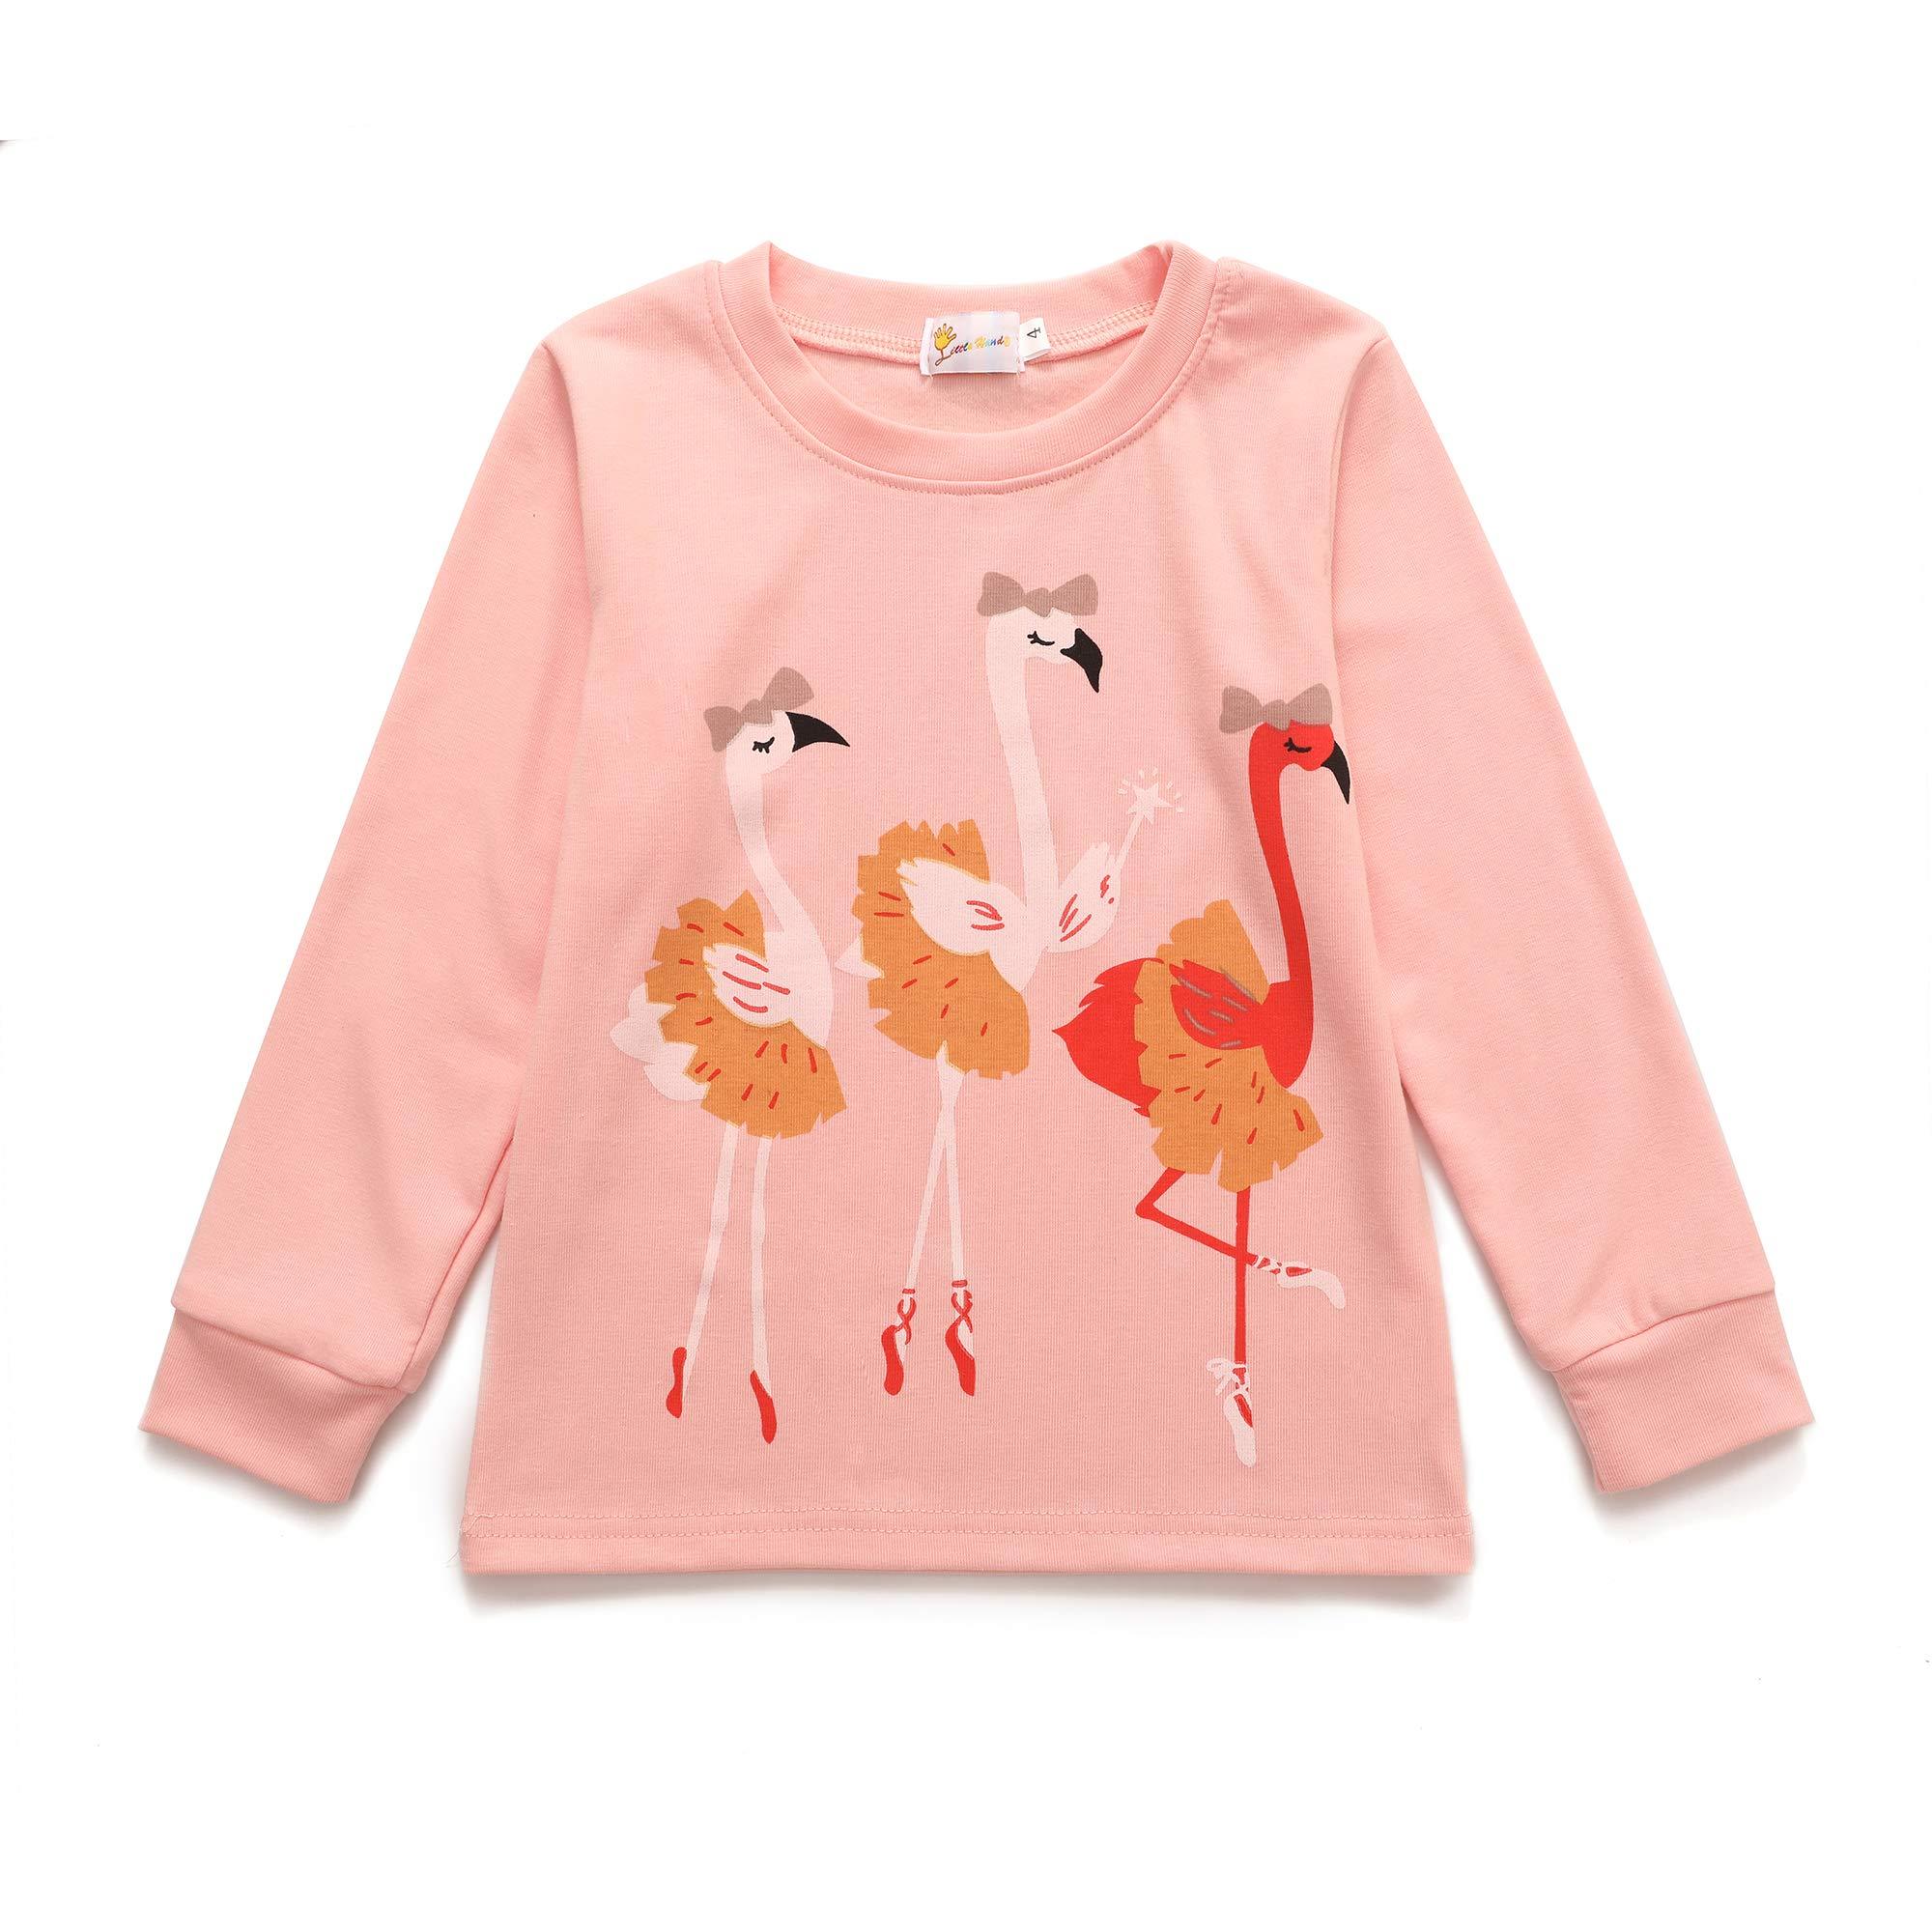 Dhasiue Kids & Toddler Pajamas Girls Little Kids PJS Sets 100% Cotton Sleepwear for Age 2-8 Years